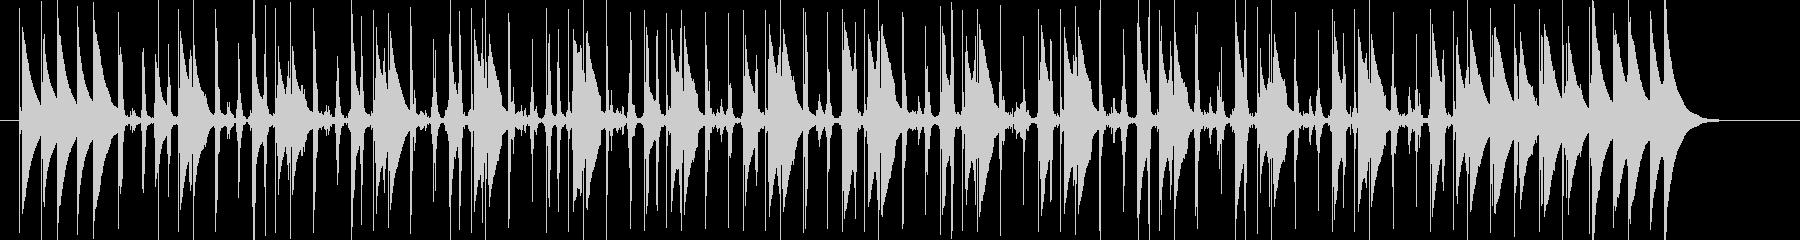 コンガの躍動するリズムLa Bomba4の未再生の波形